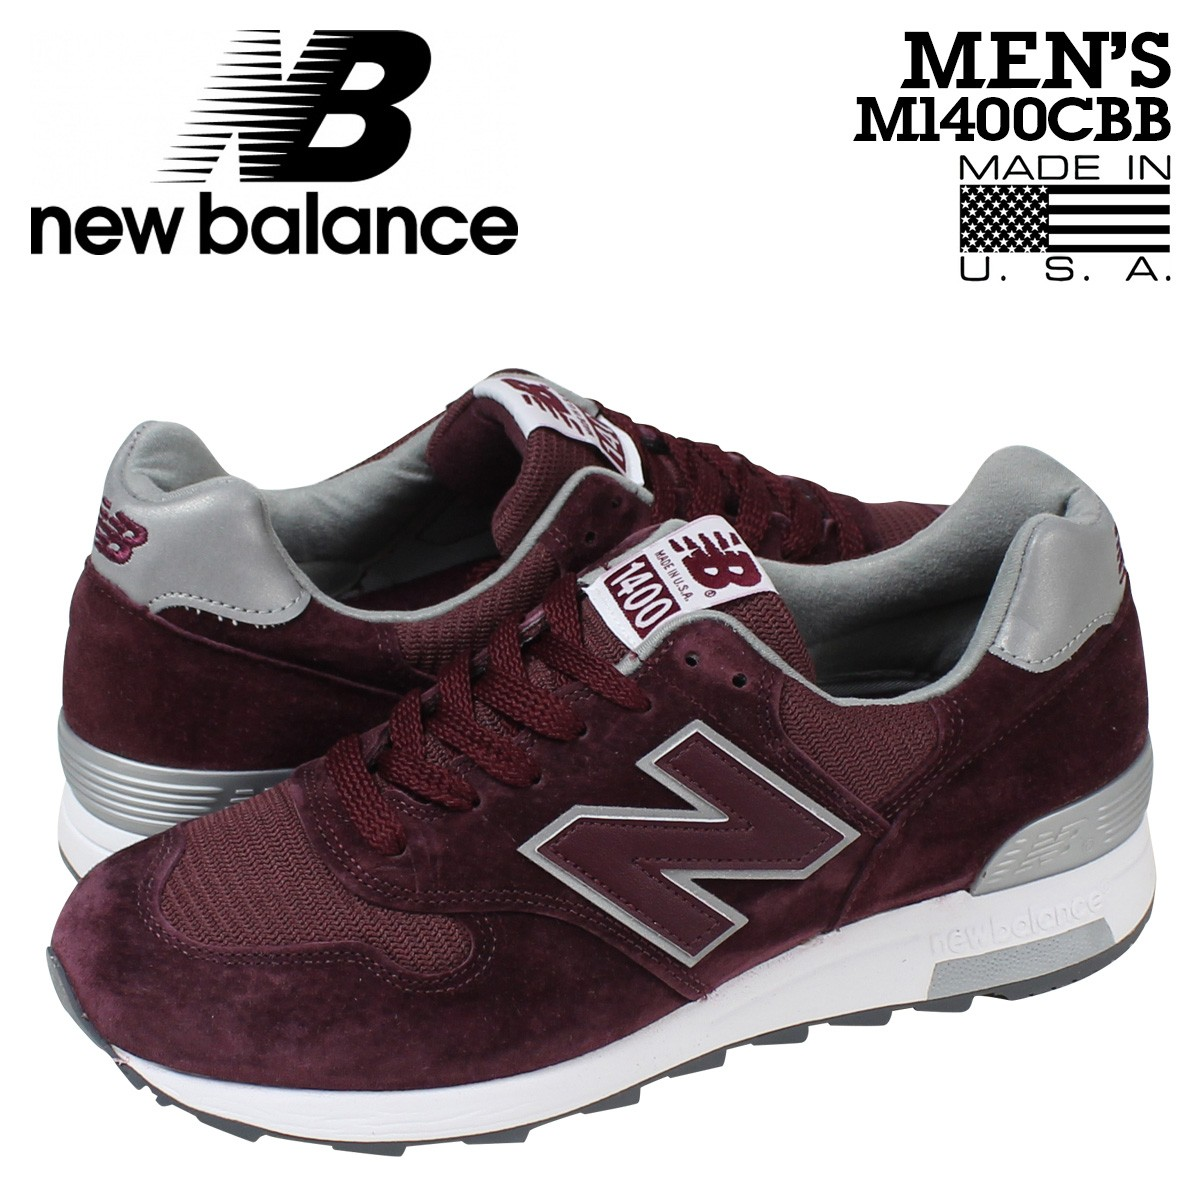 ニューバランス 1400 メンズ new balance スニーカー M1400CBB Dワイズ MADE IN USA 靴 バーガンディー